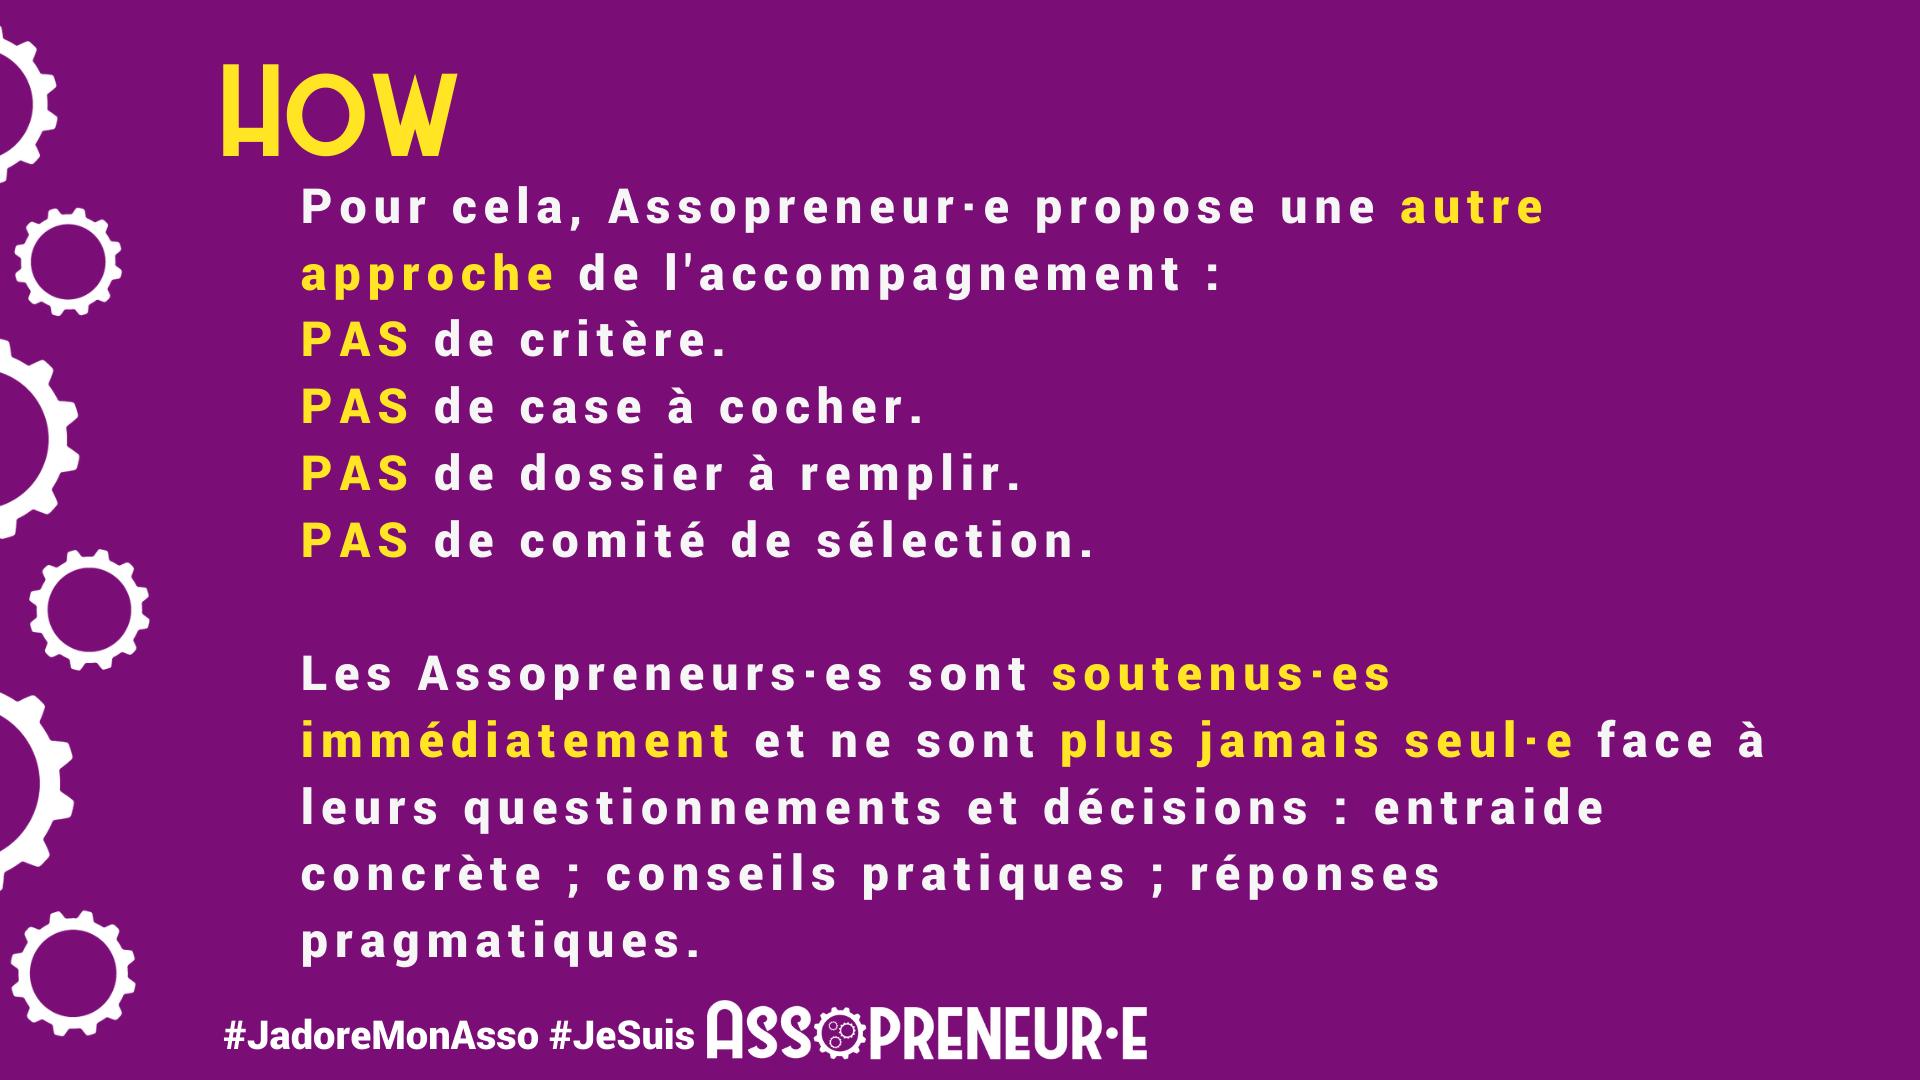 Assopreneur propose une autre approche de l'accompagnement pour les associations.